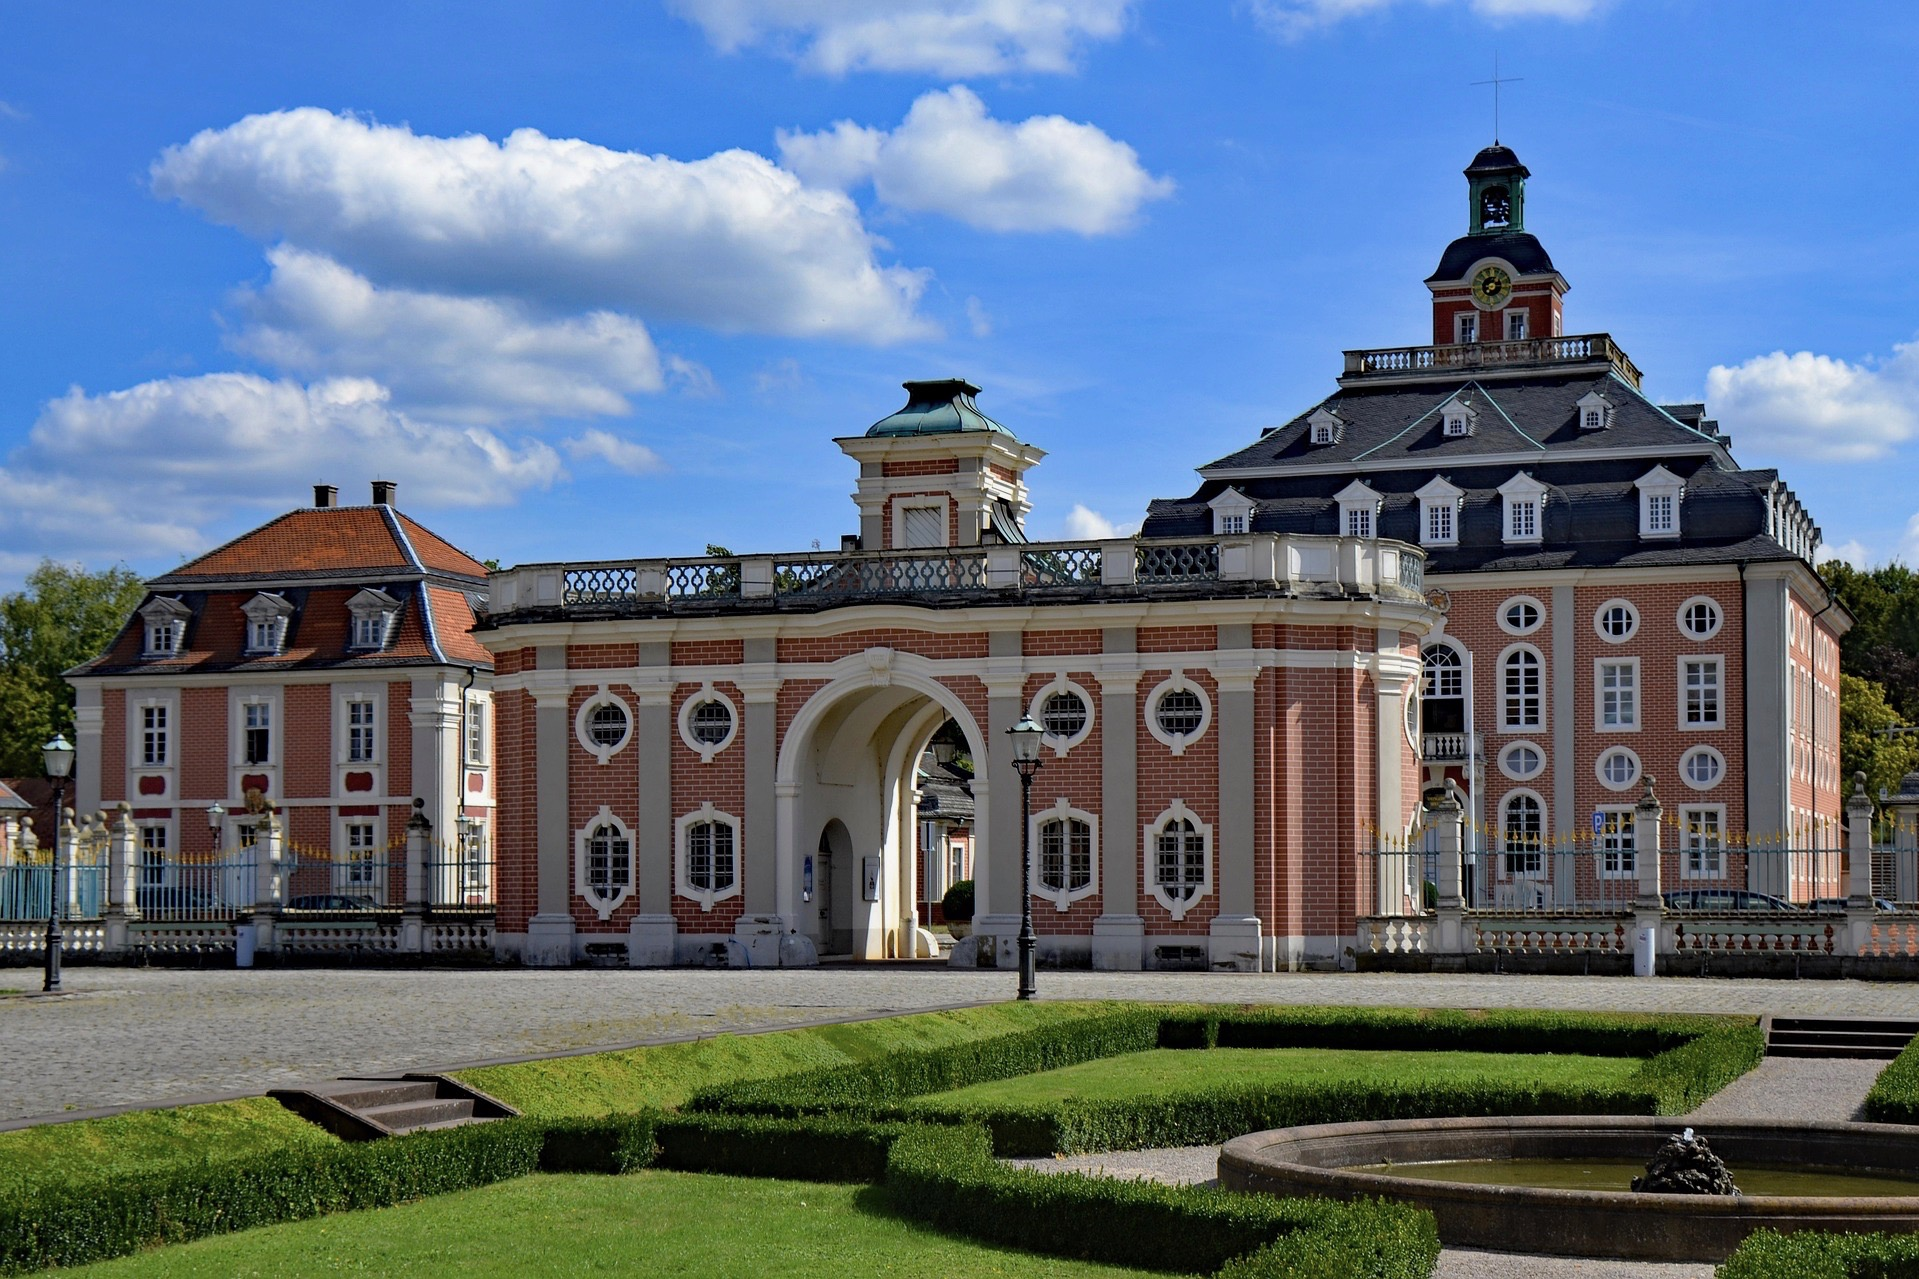 Schloss Bruchsal kann man auf dem Deutschland Roadtrip besuchen